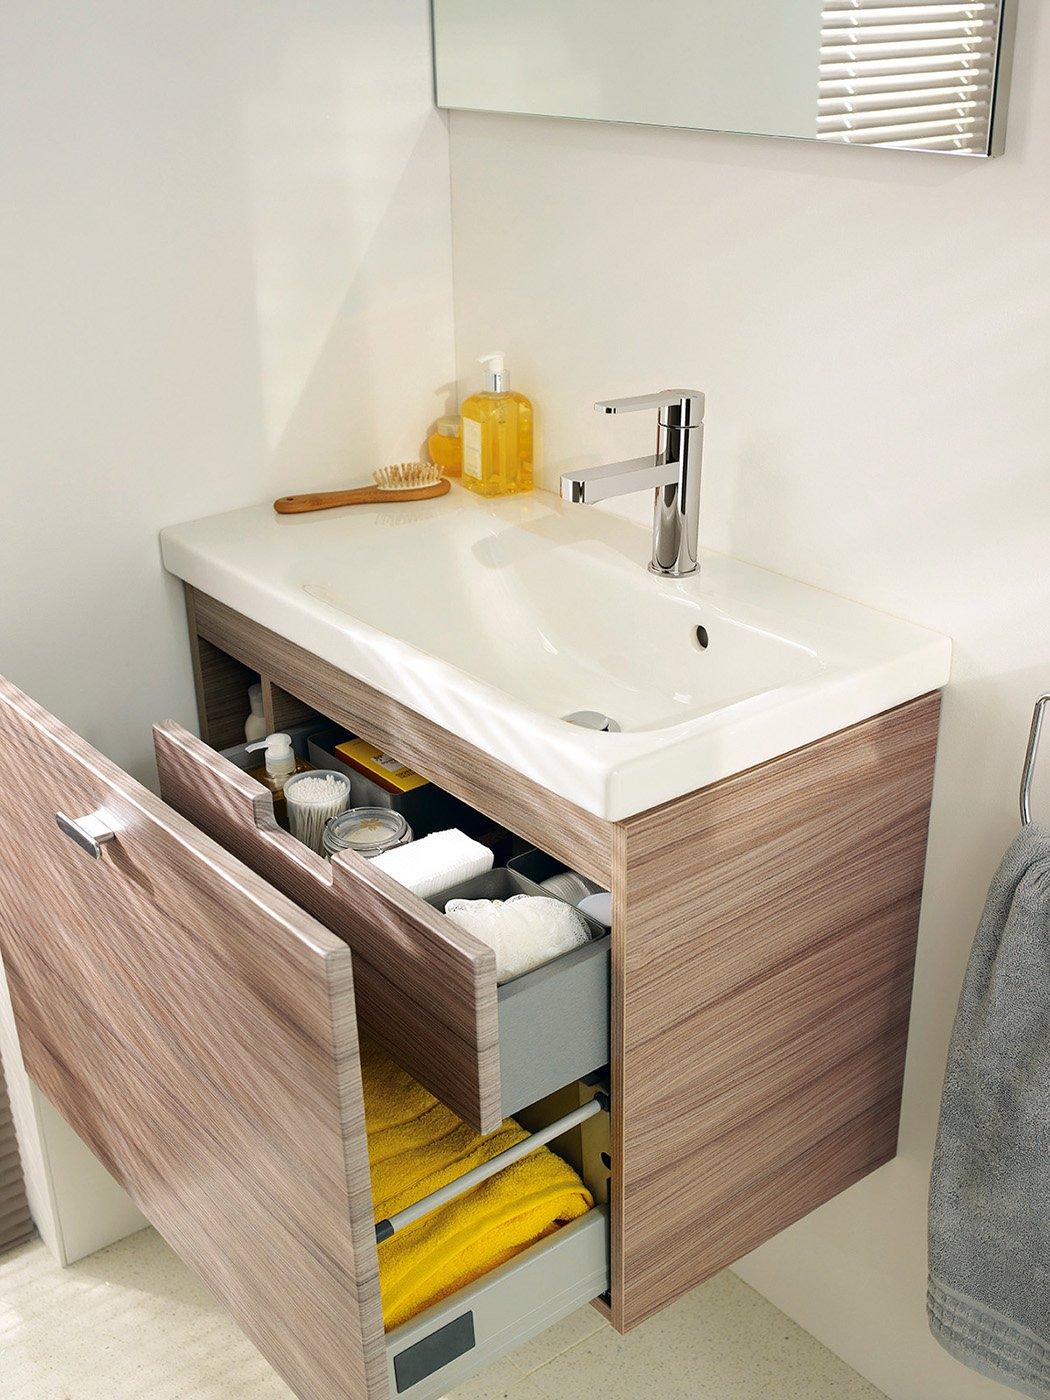 Connect space sanitari lavabi e mobili bagno salvaspazio - Mobili per lavabo ...